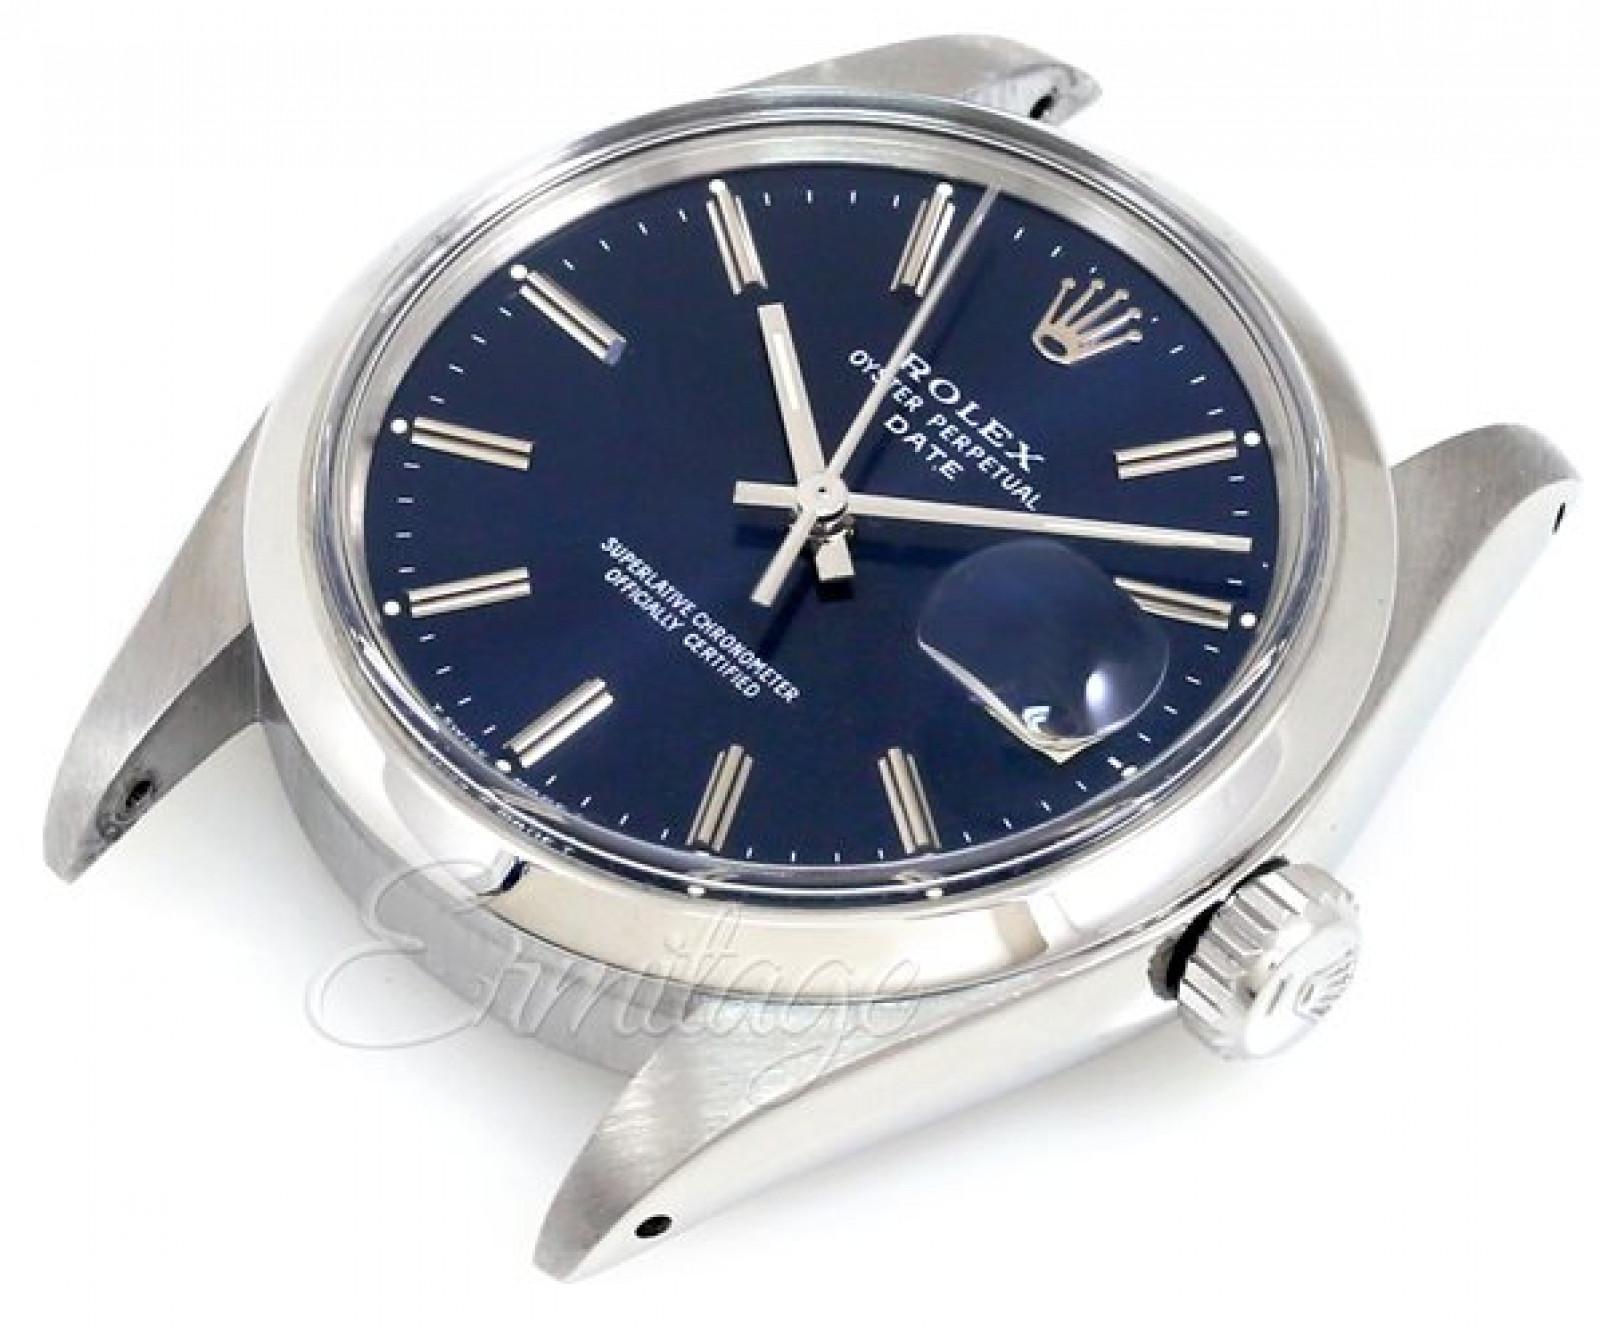 Vintage Rolex Date 1500 1978